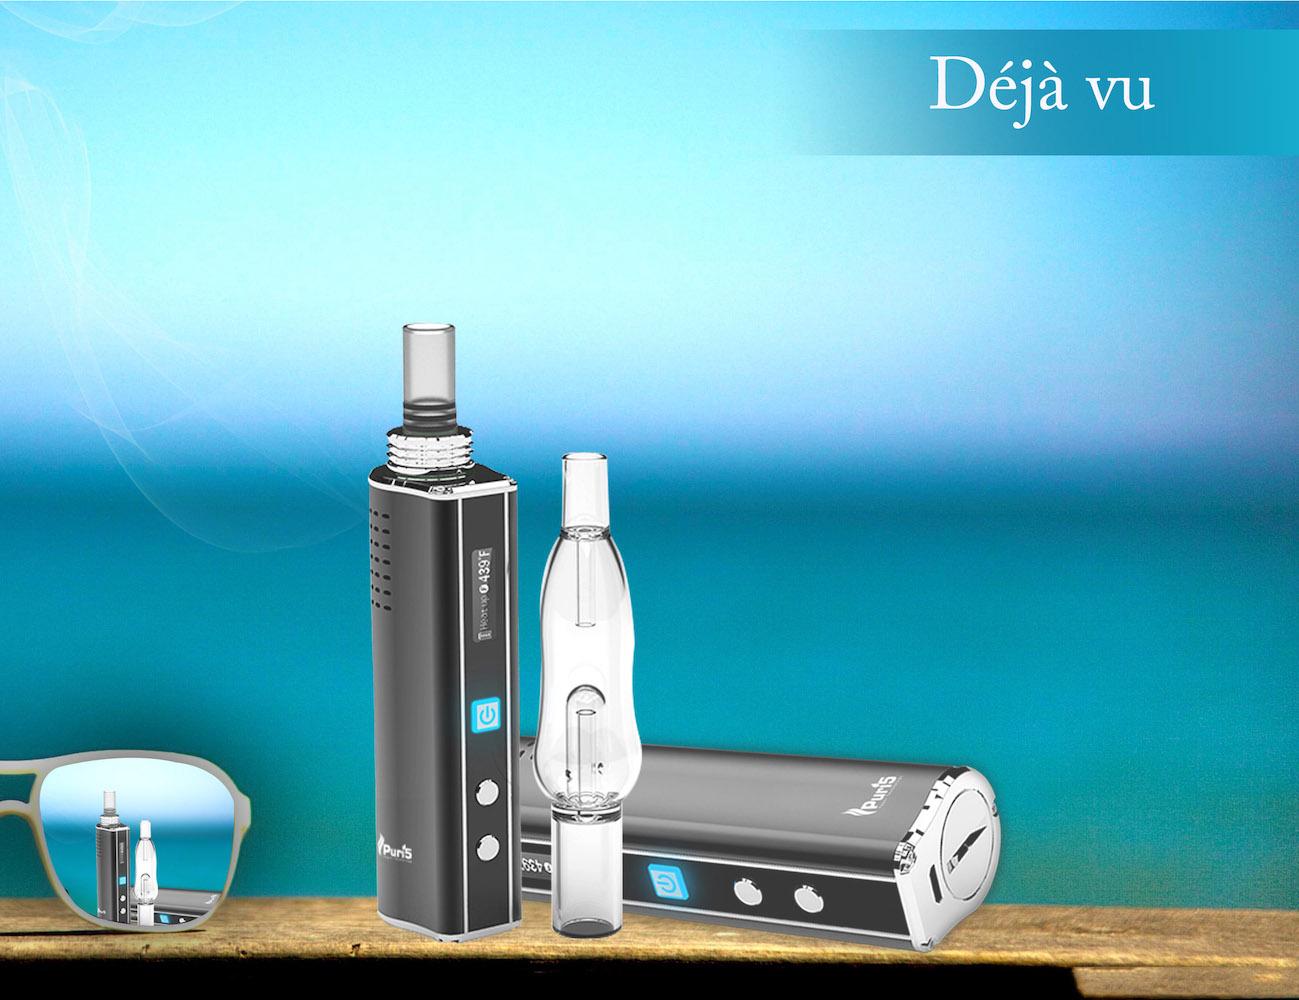 deja-vu-water-filtration-vaporizer-03